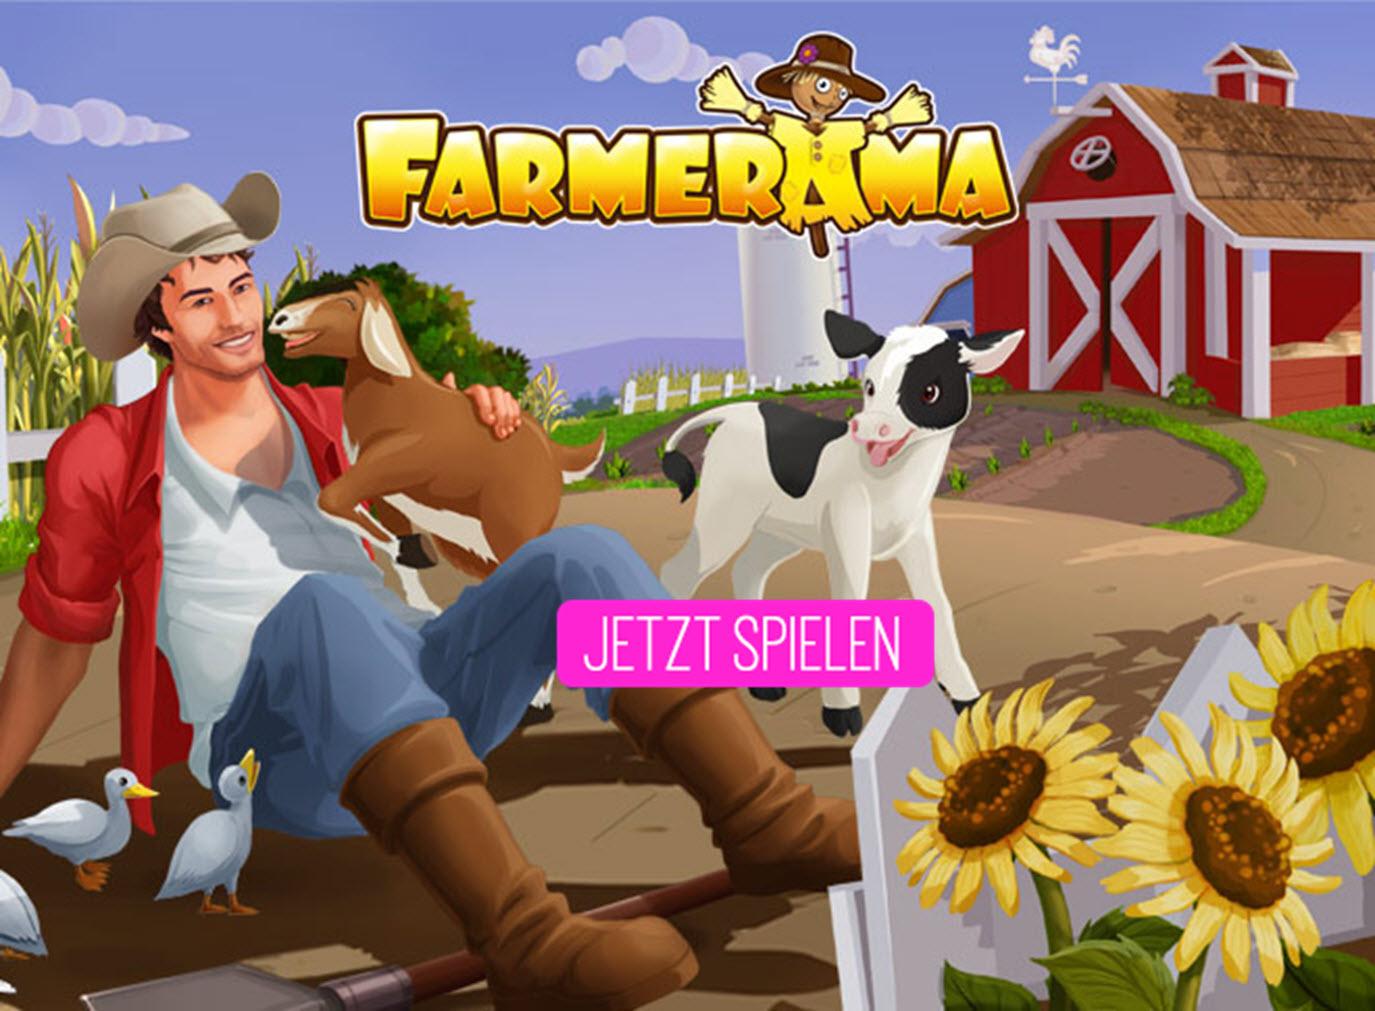 FarmerBoy2